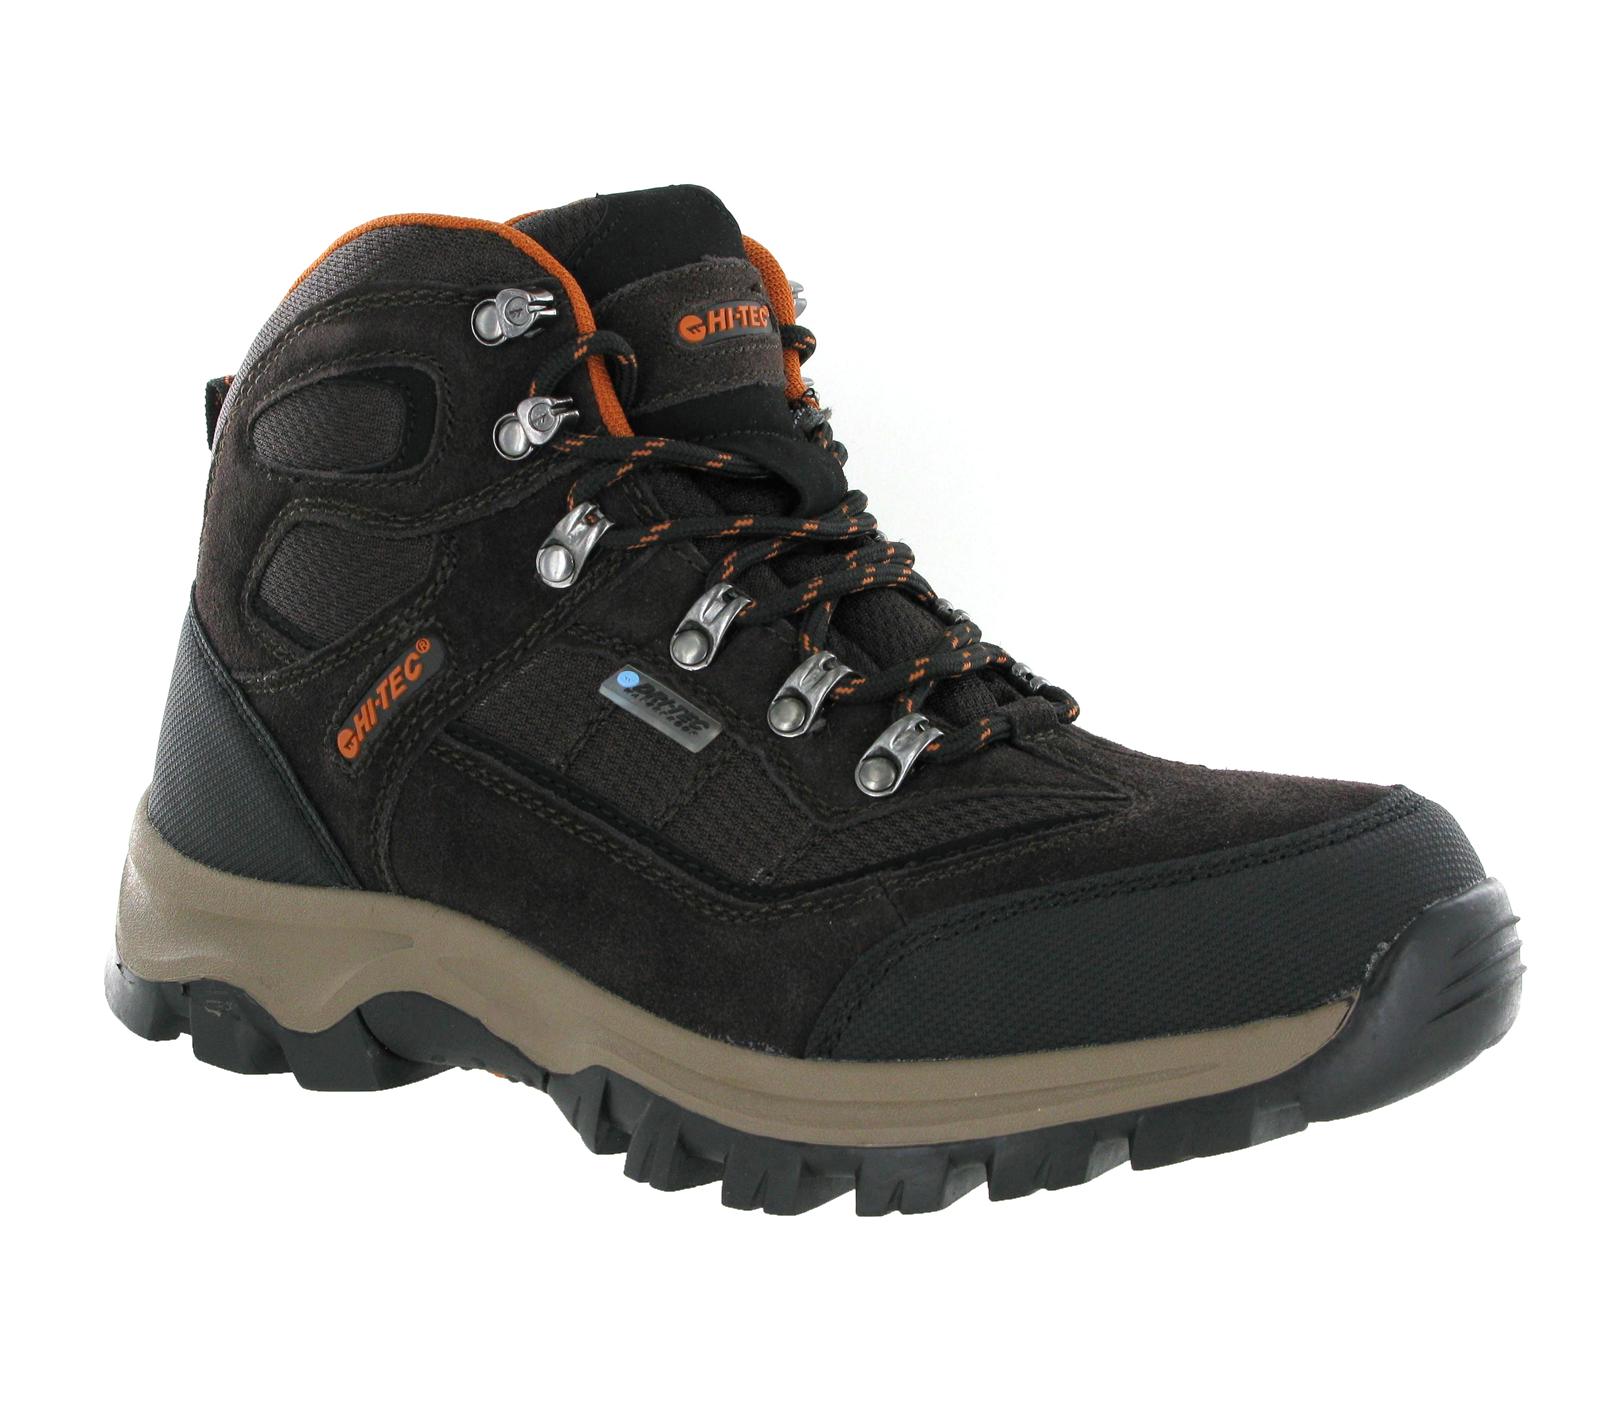 new mens hi tec hillside waterproof walking hiking trail